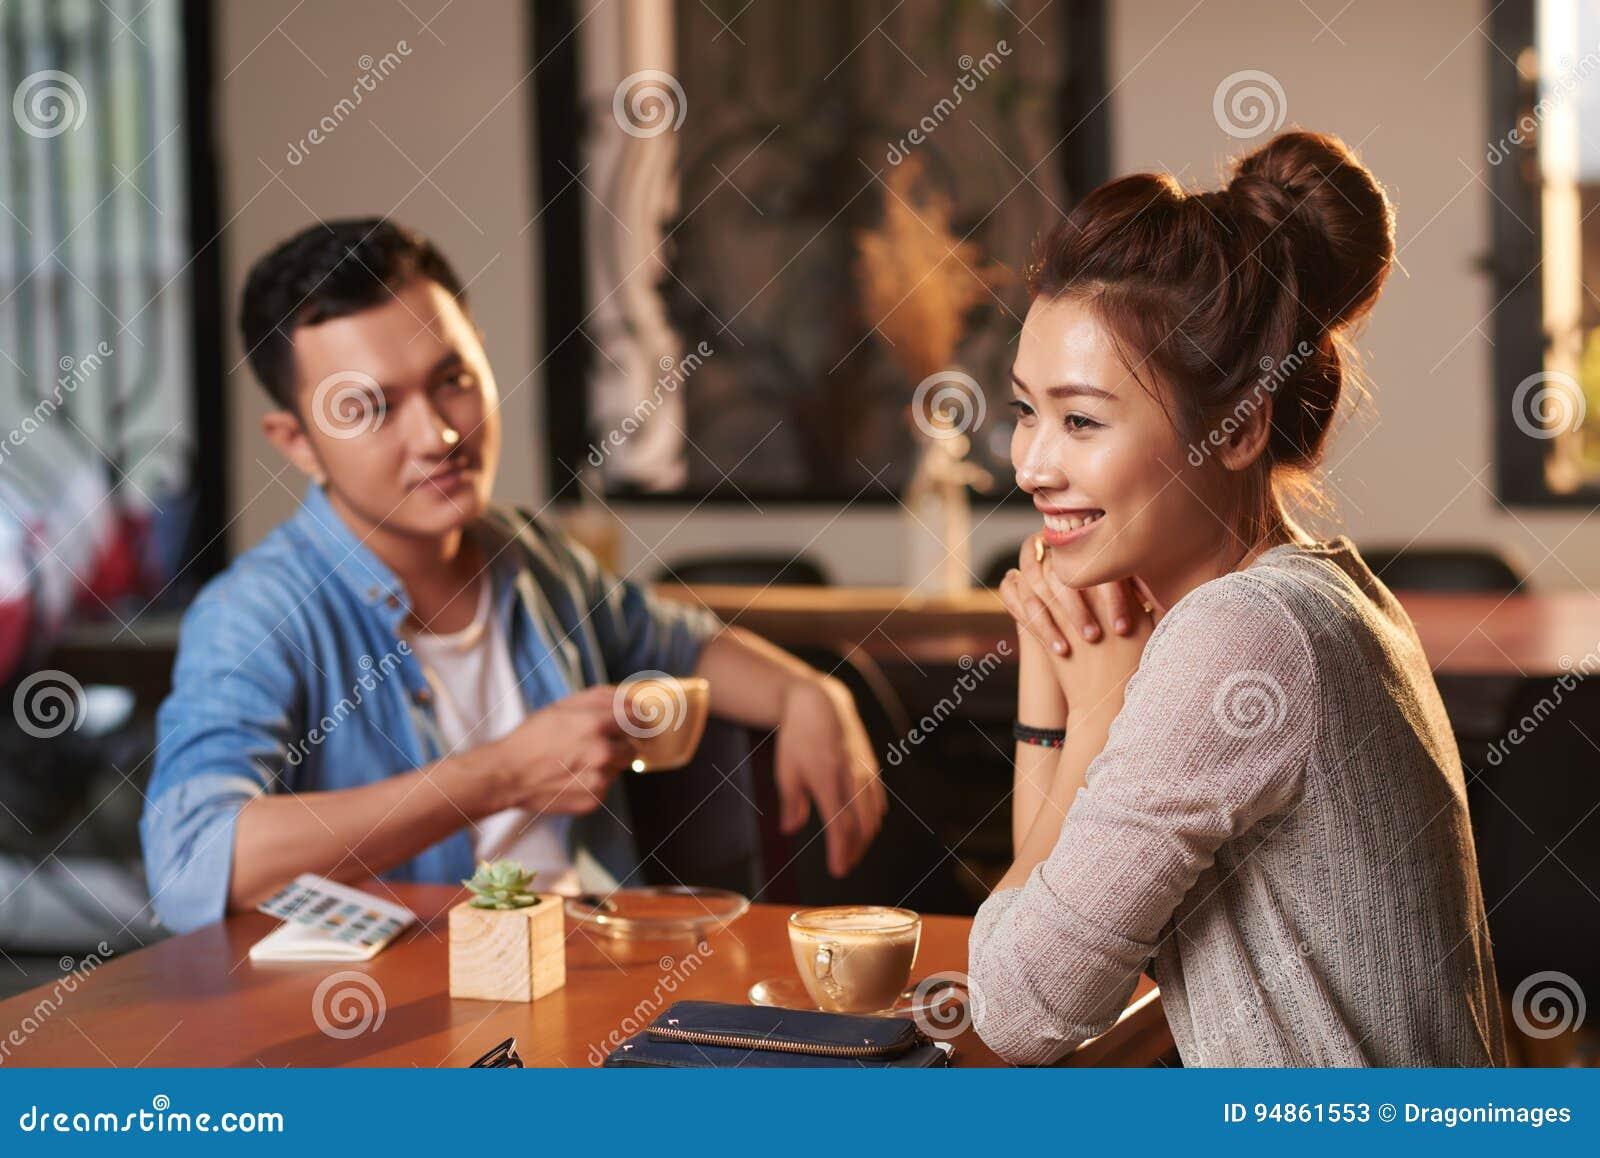 Señora asiática hermosa en café